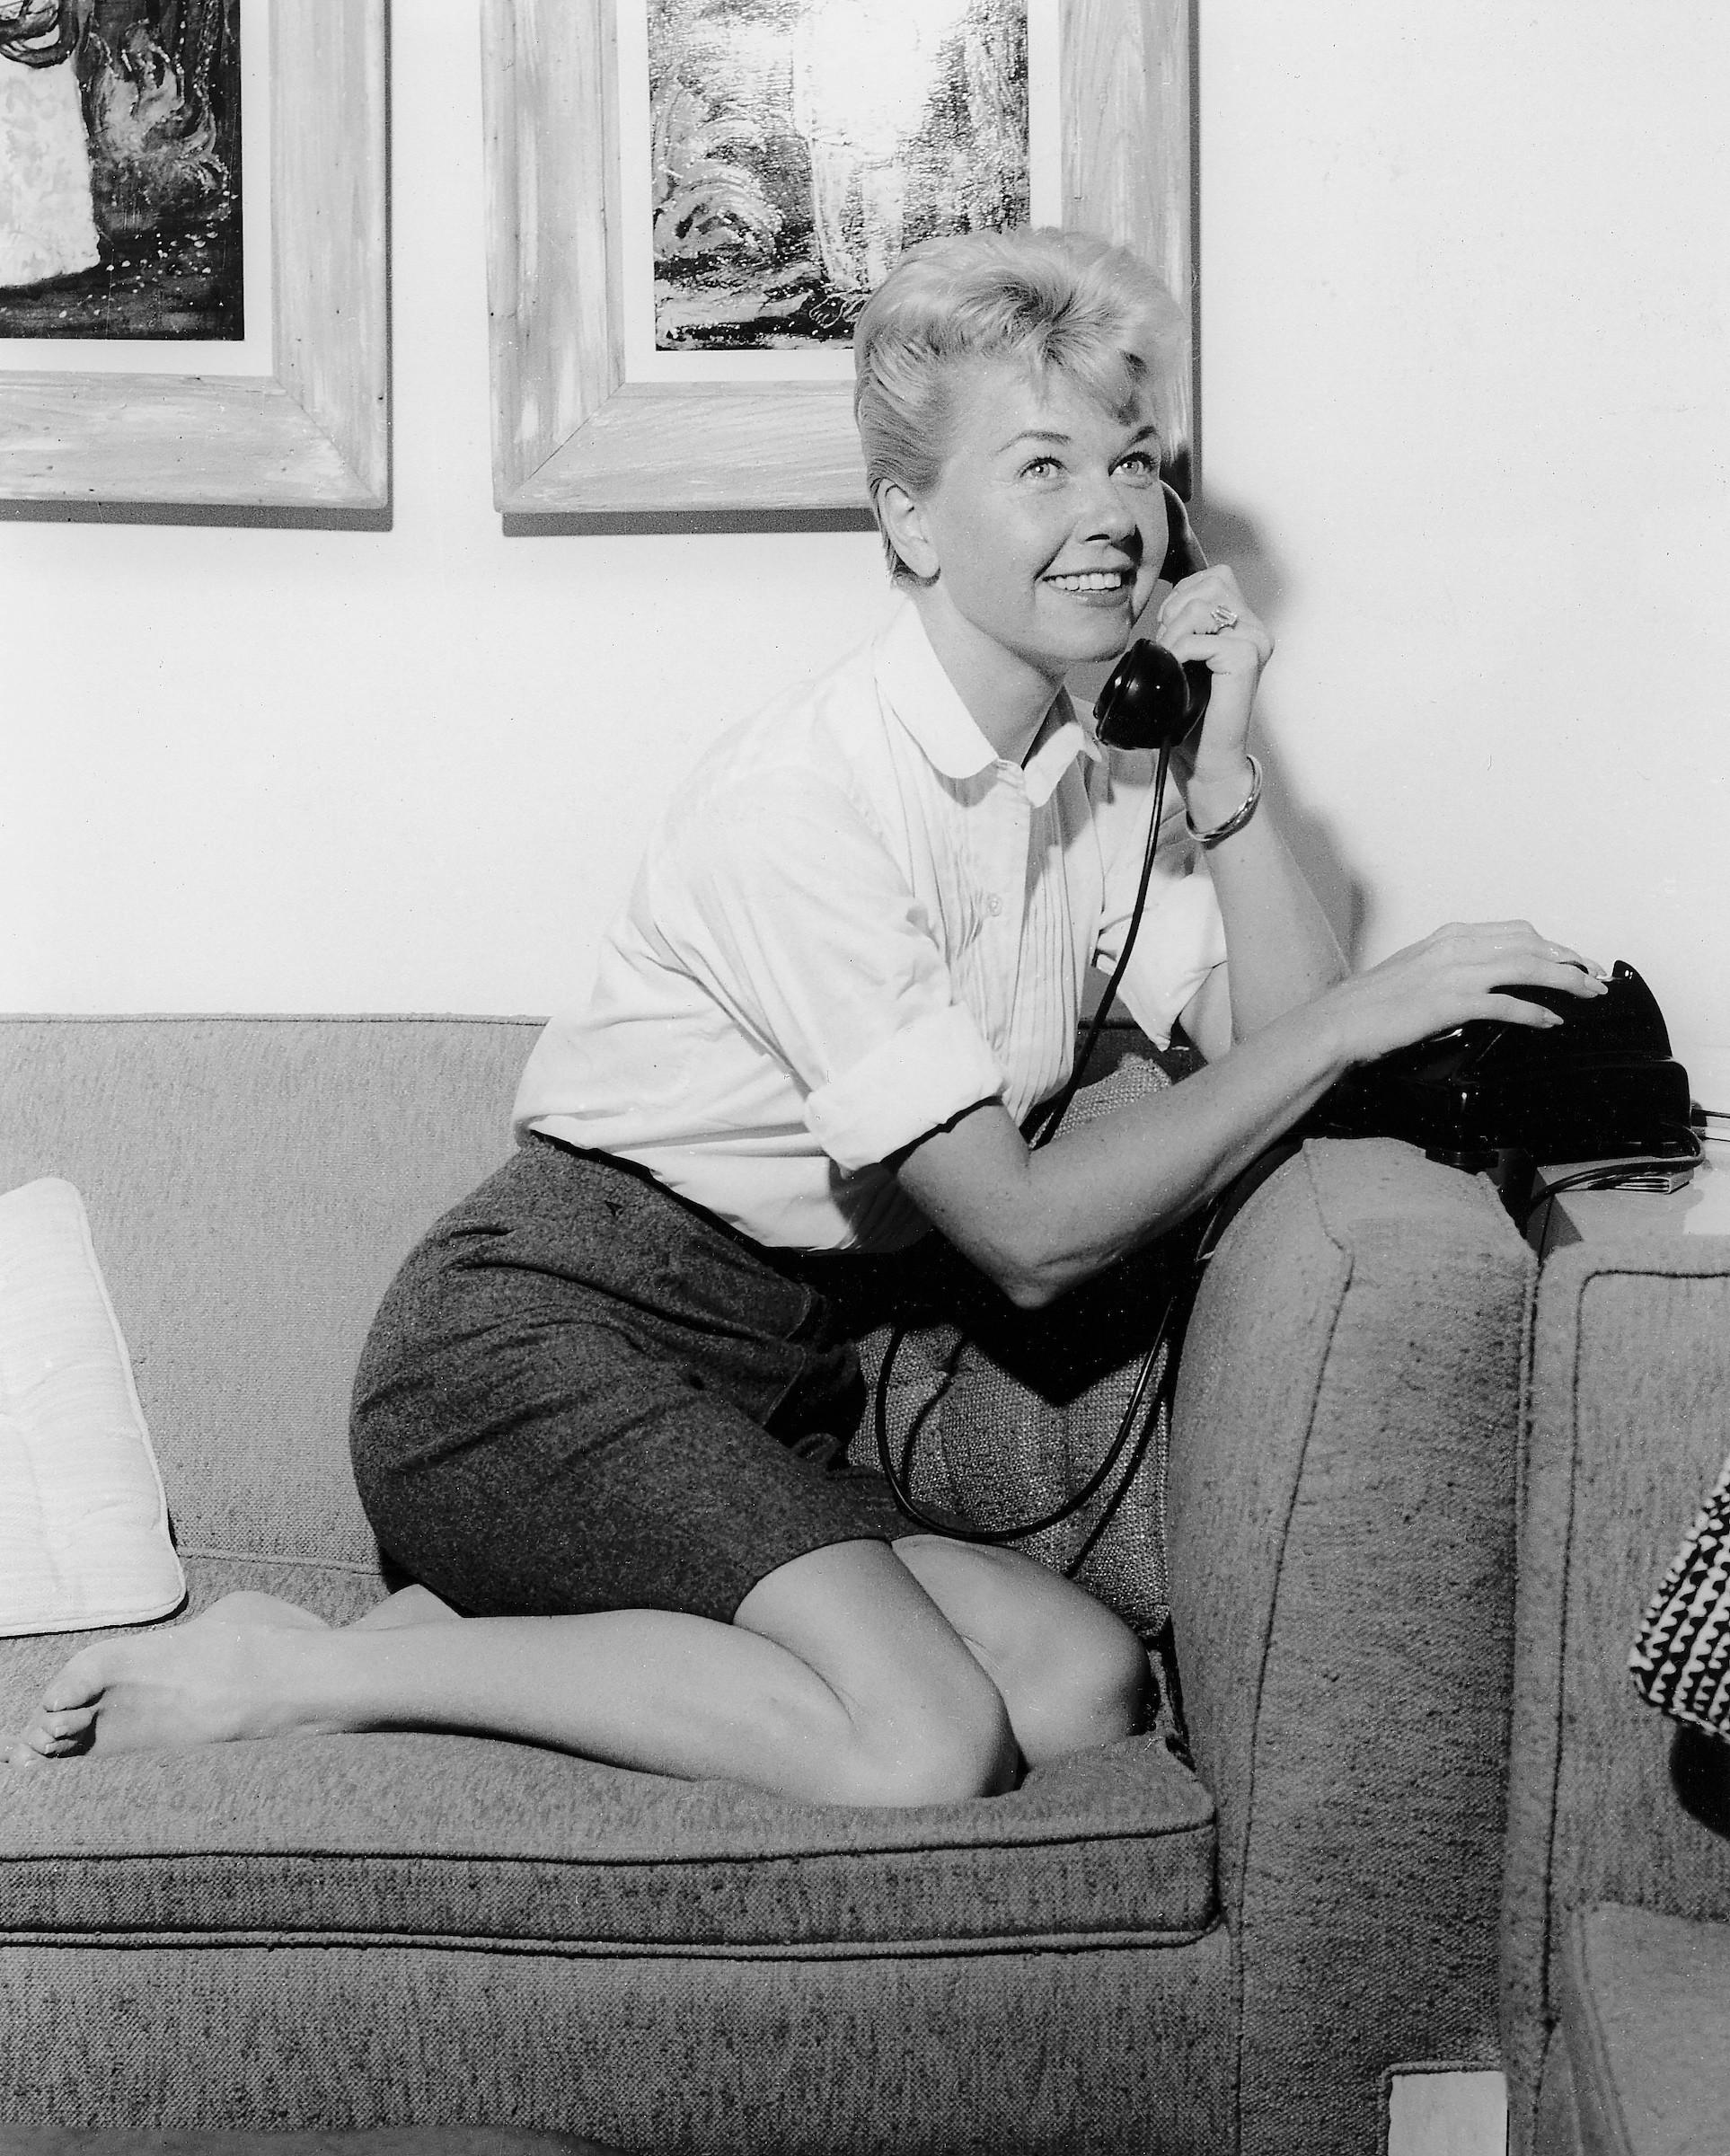 Doris Day nie żyje. Hollywoodzka gwiazda, której szczyt kariery przypadł na lata 50. i 60., zmarła w wieku 97 lat, fot. LAS VEGAS NEWS BUREAU, PAP/EPA